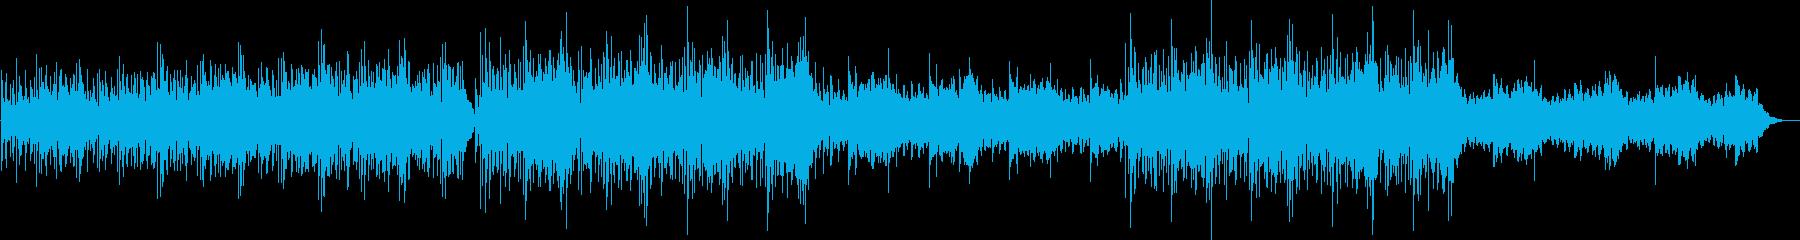 ふんわりしたきれいな曲の再生済みの波形